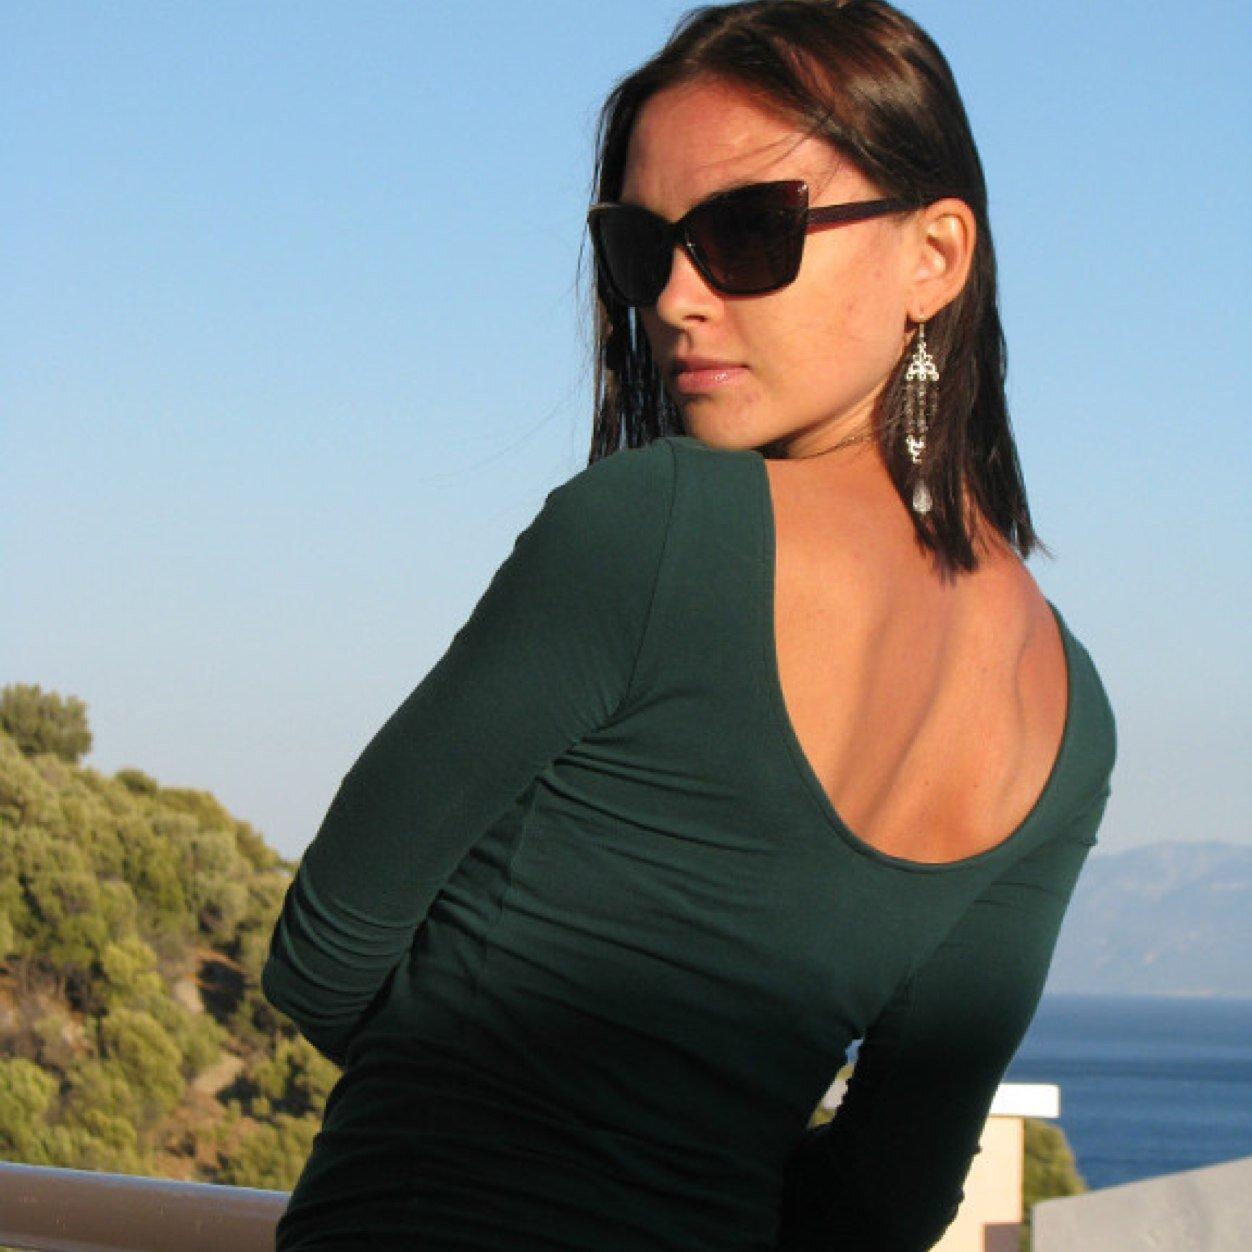 Ольга парамонова отзывы девушек о работе в ливане